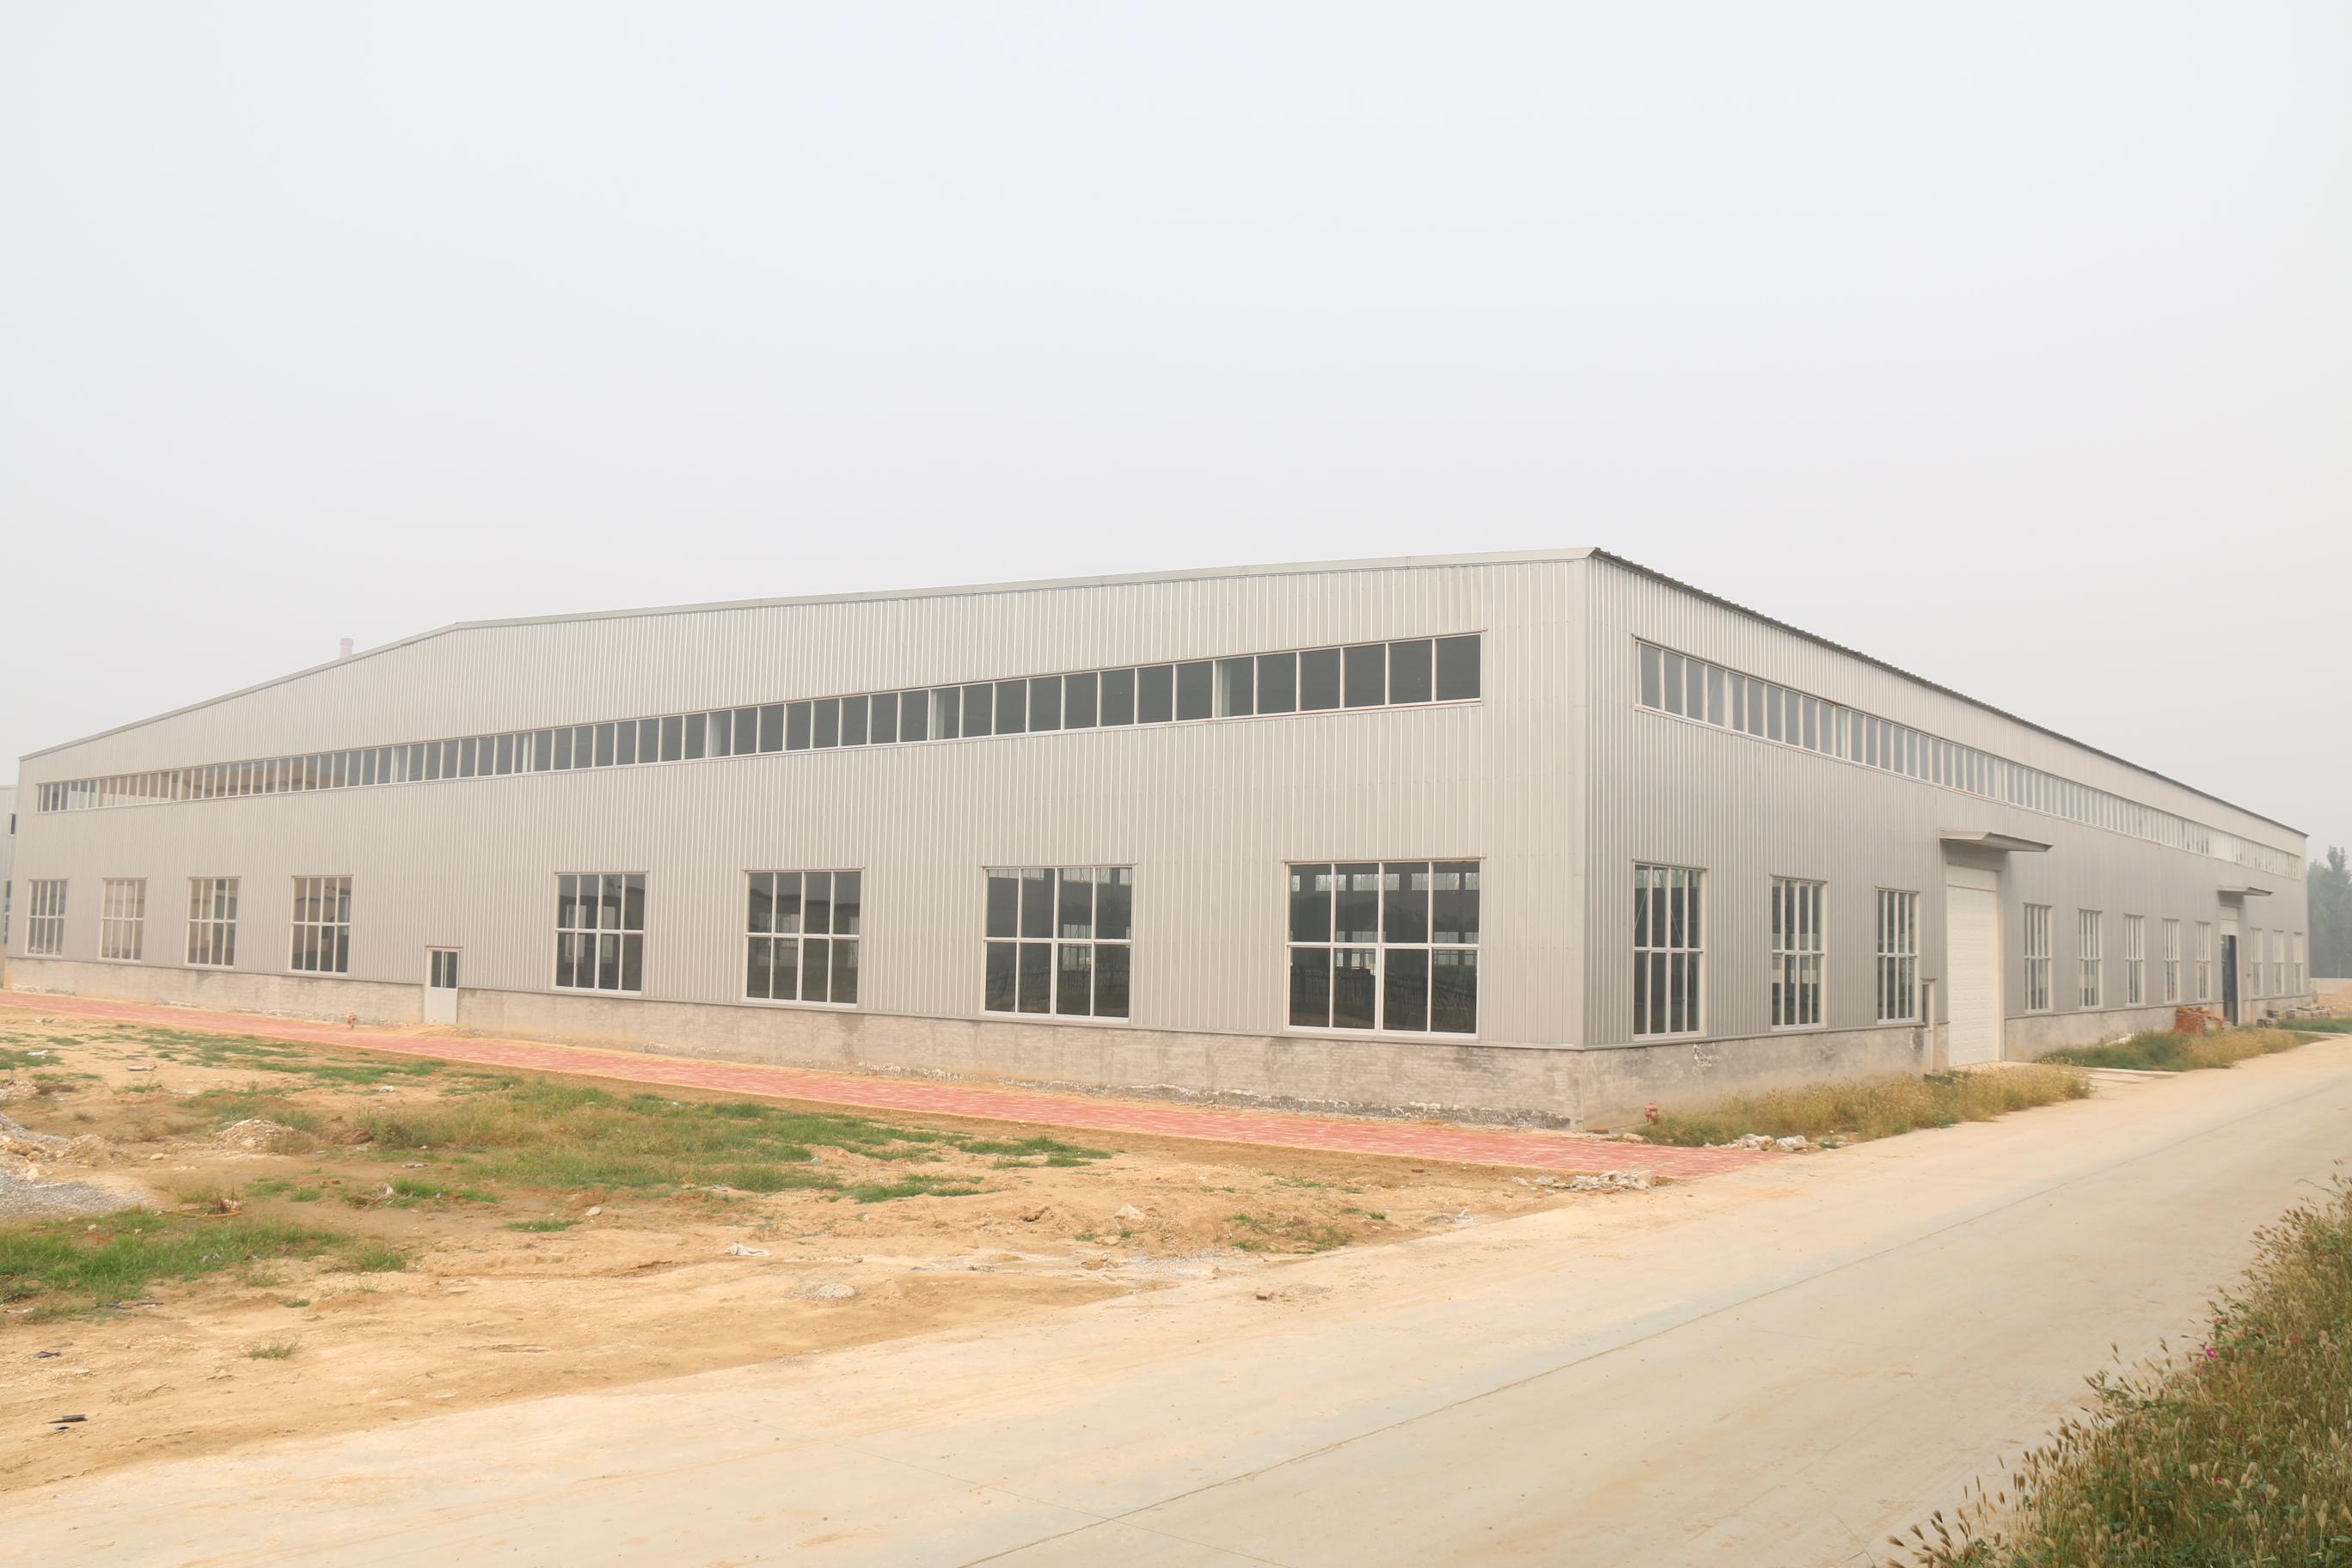 承建钢结构工程 轻钢结构厂房空间开阔框架稳固